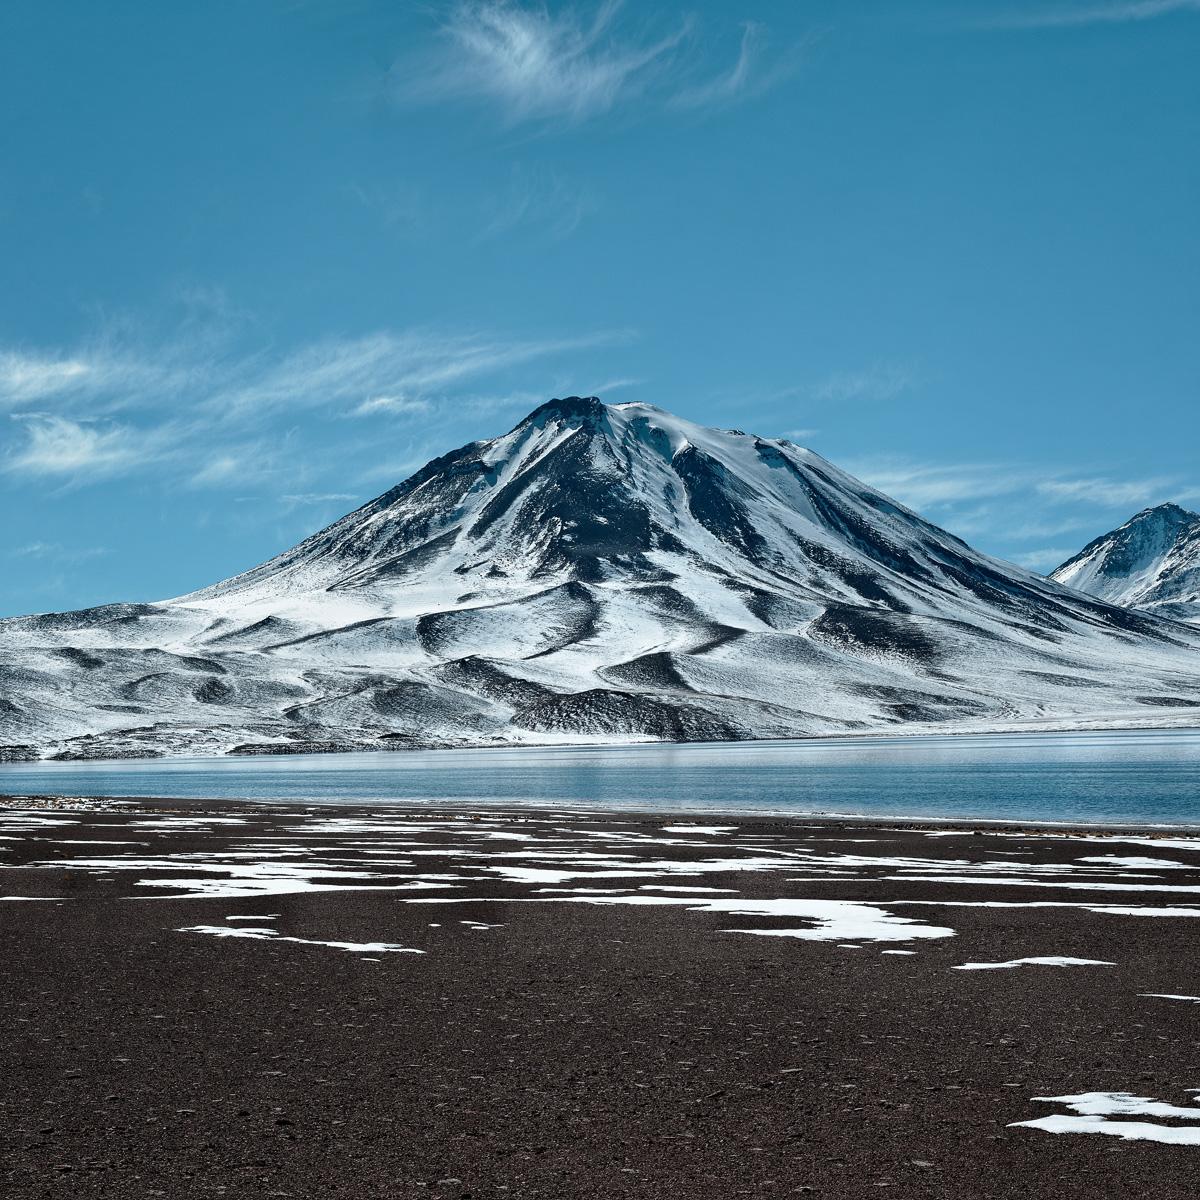 Vista de El Loa, na região de Antofagasta (foto: Mike Green / Flickr, Creative Commons)